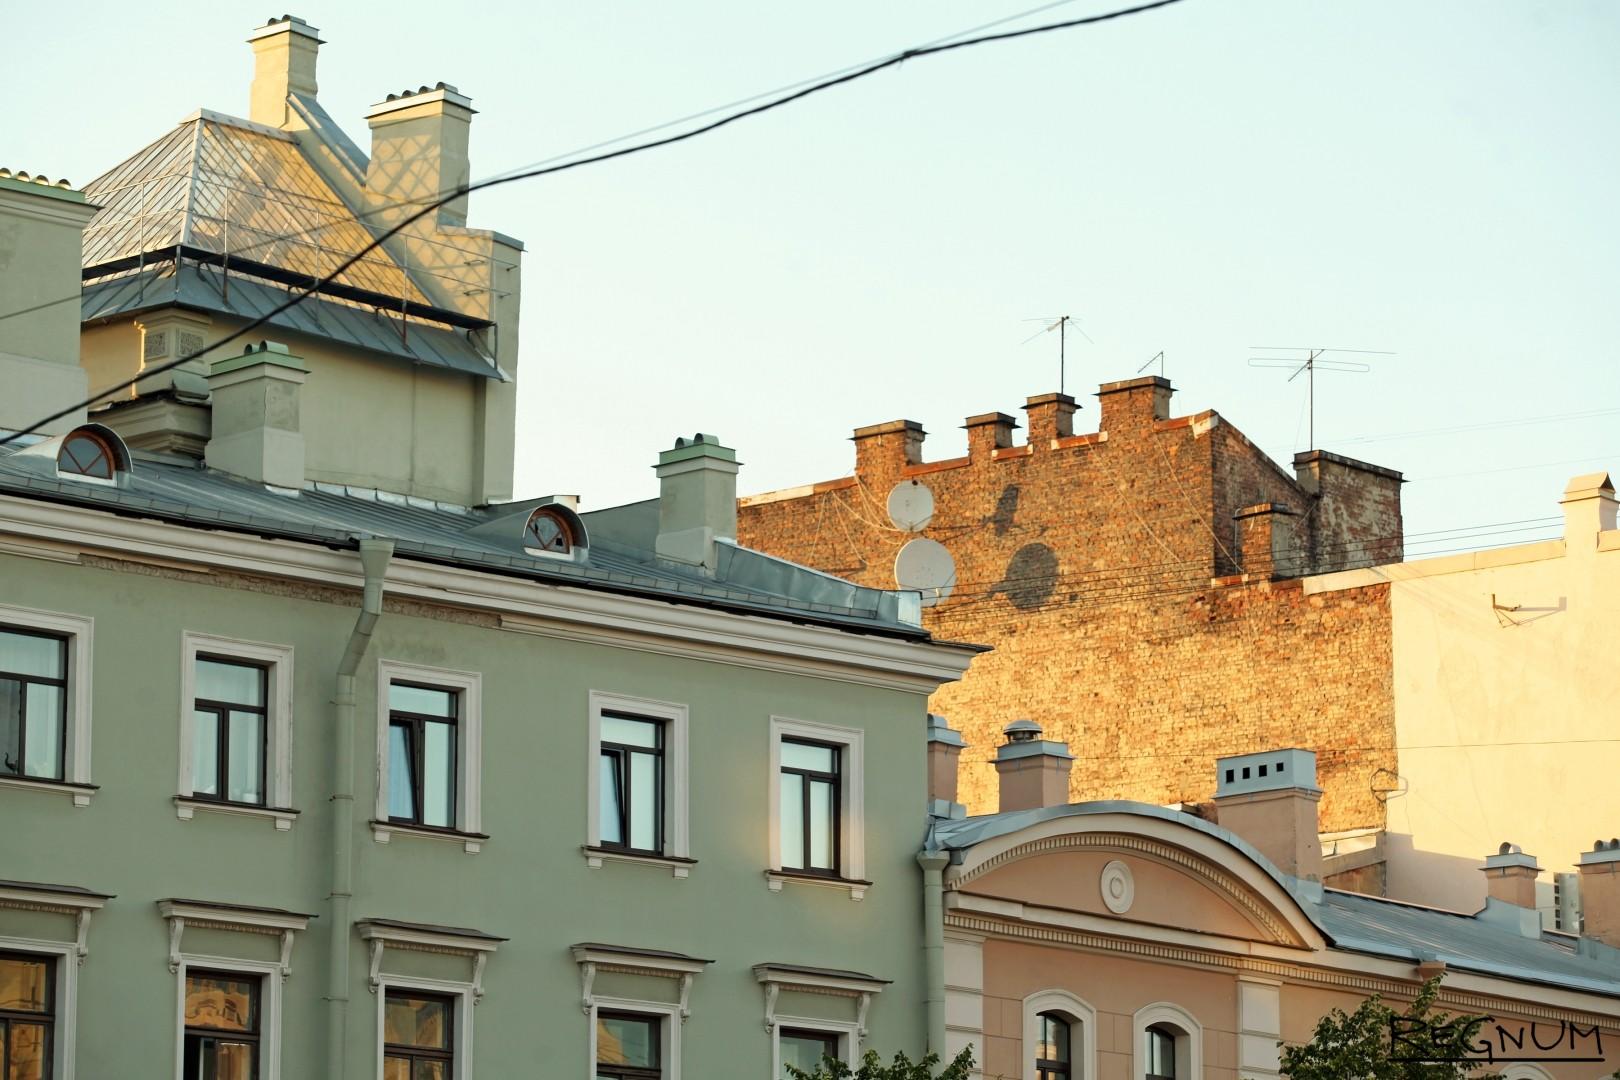 9c71a63c7b249 Покупатели в Петербурге устали ждать падения цен на квартиры - ИА REGNUM